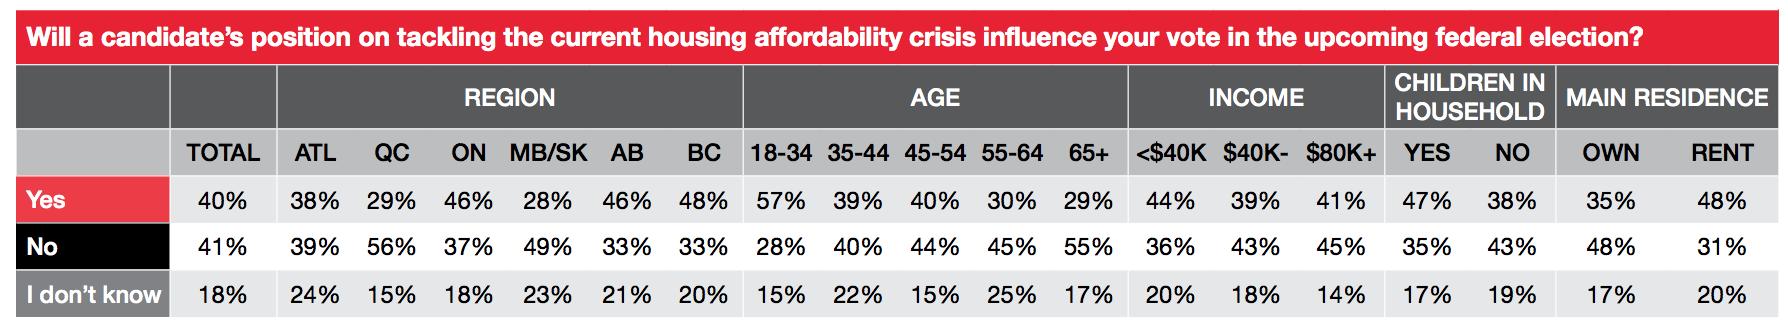 canada federal election housing affordability